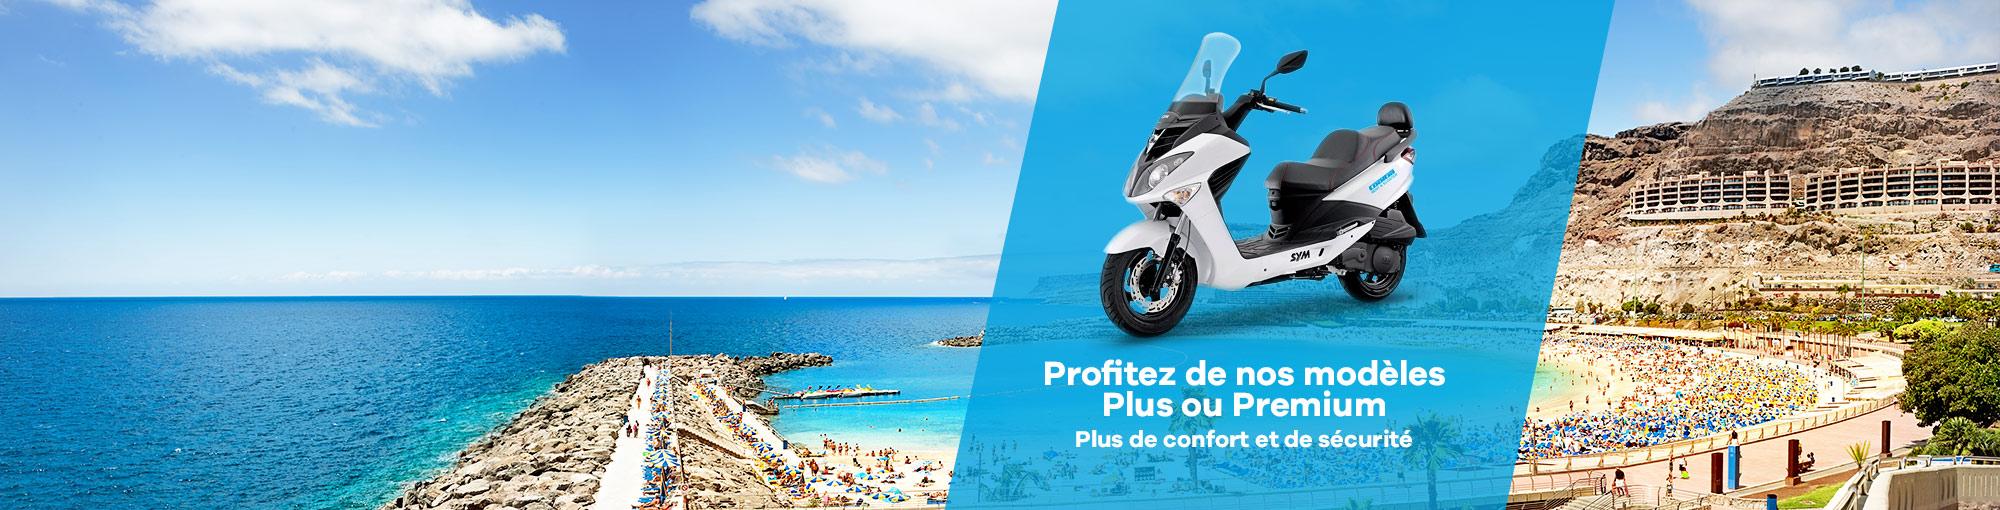 location de moto plus premium